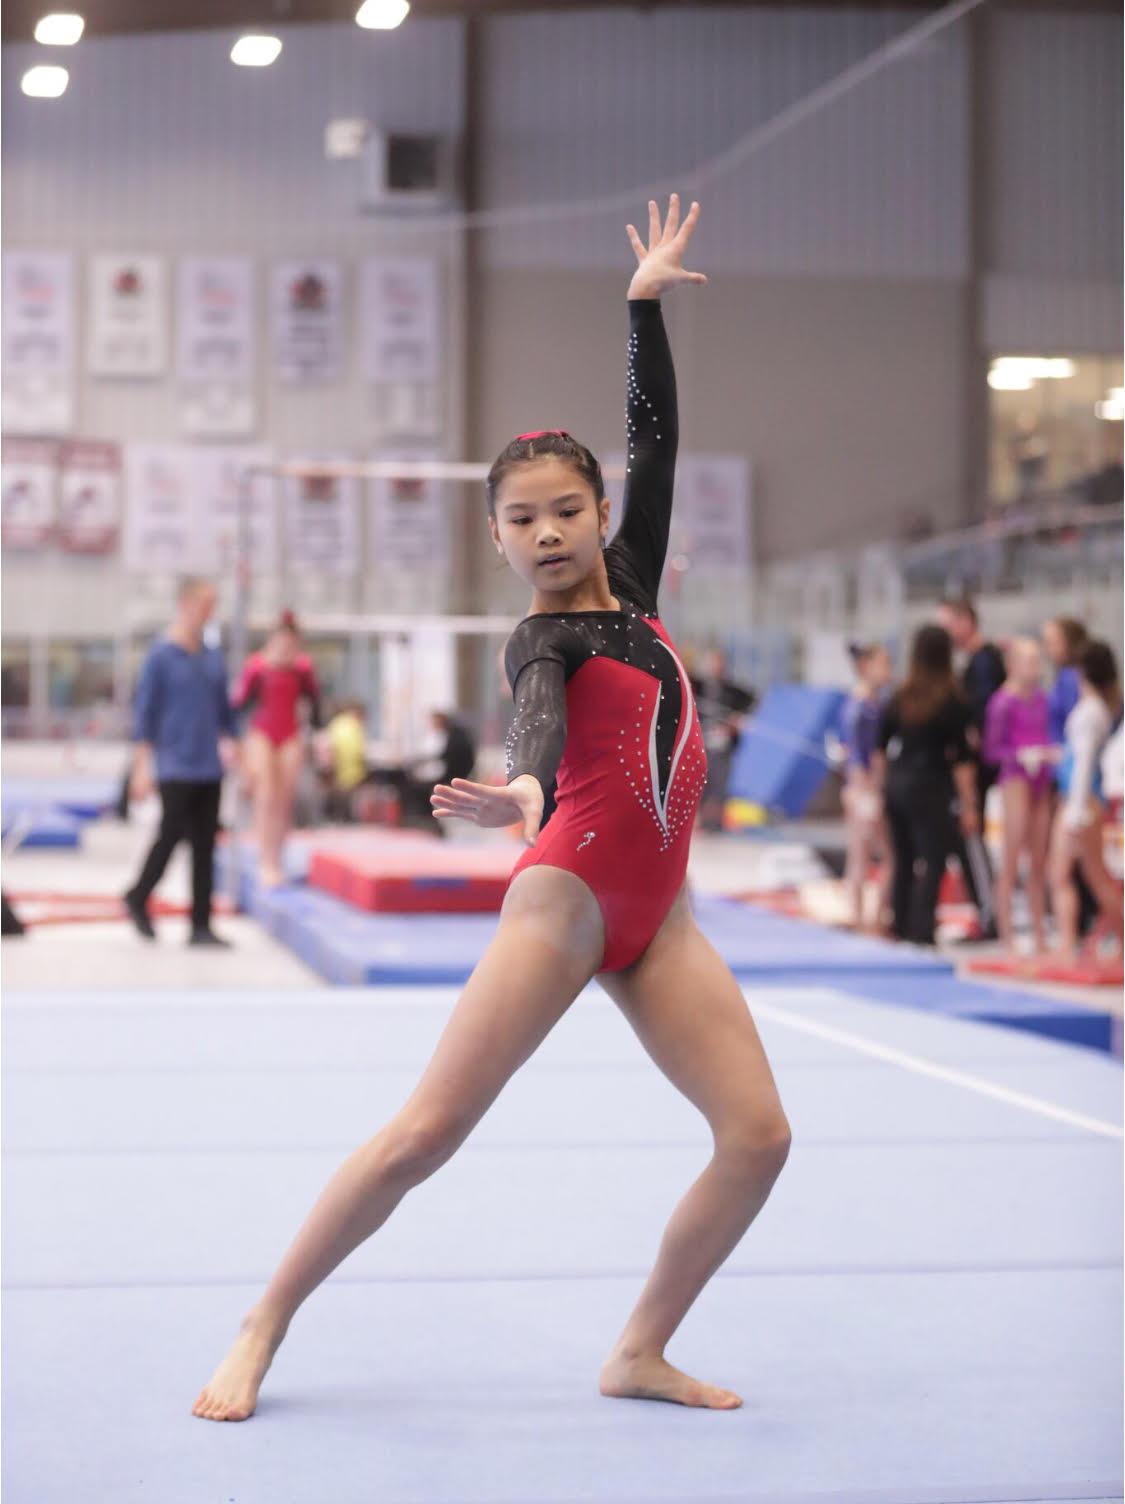 Gymnast Kyra Choy